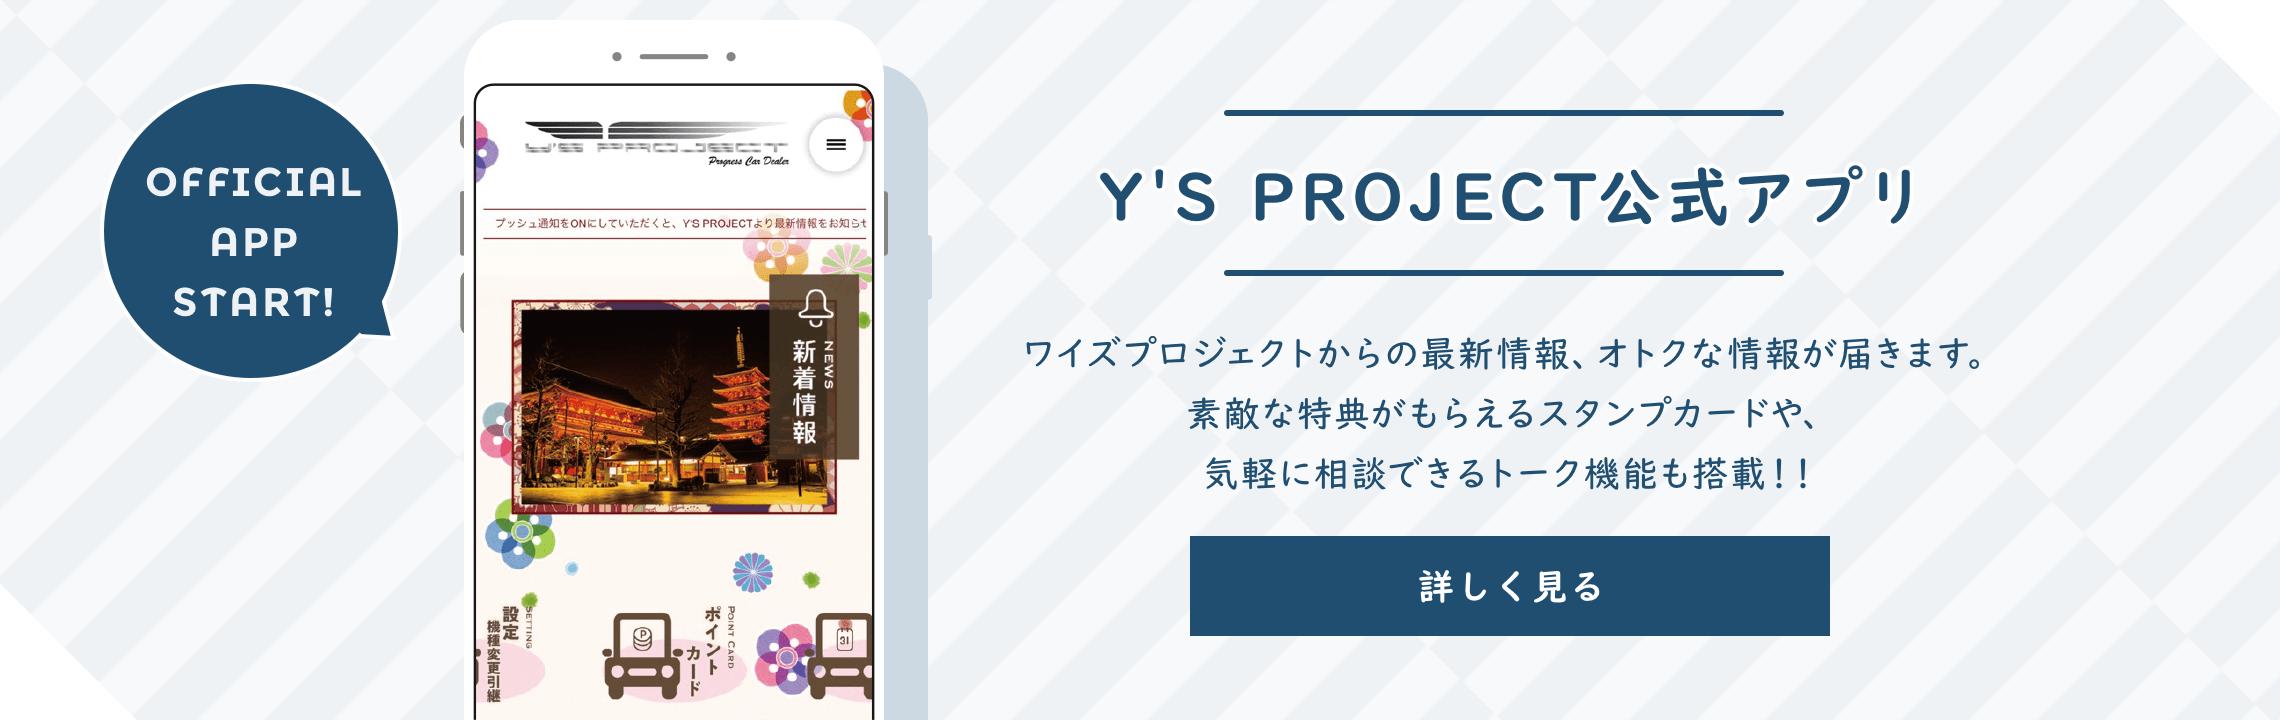 Y'S PROJECT公式アプリ ワイズプロジェクトからの最新情報、オトクな情報が届きます。素敵な特典がもらえるスタンプカードや、気軽に相談できるトーク機能も搭載!!